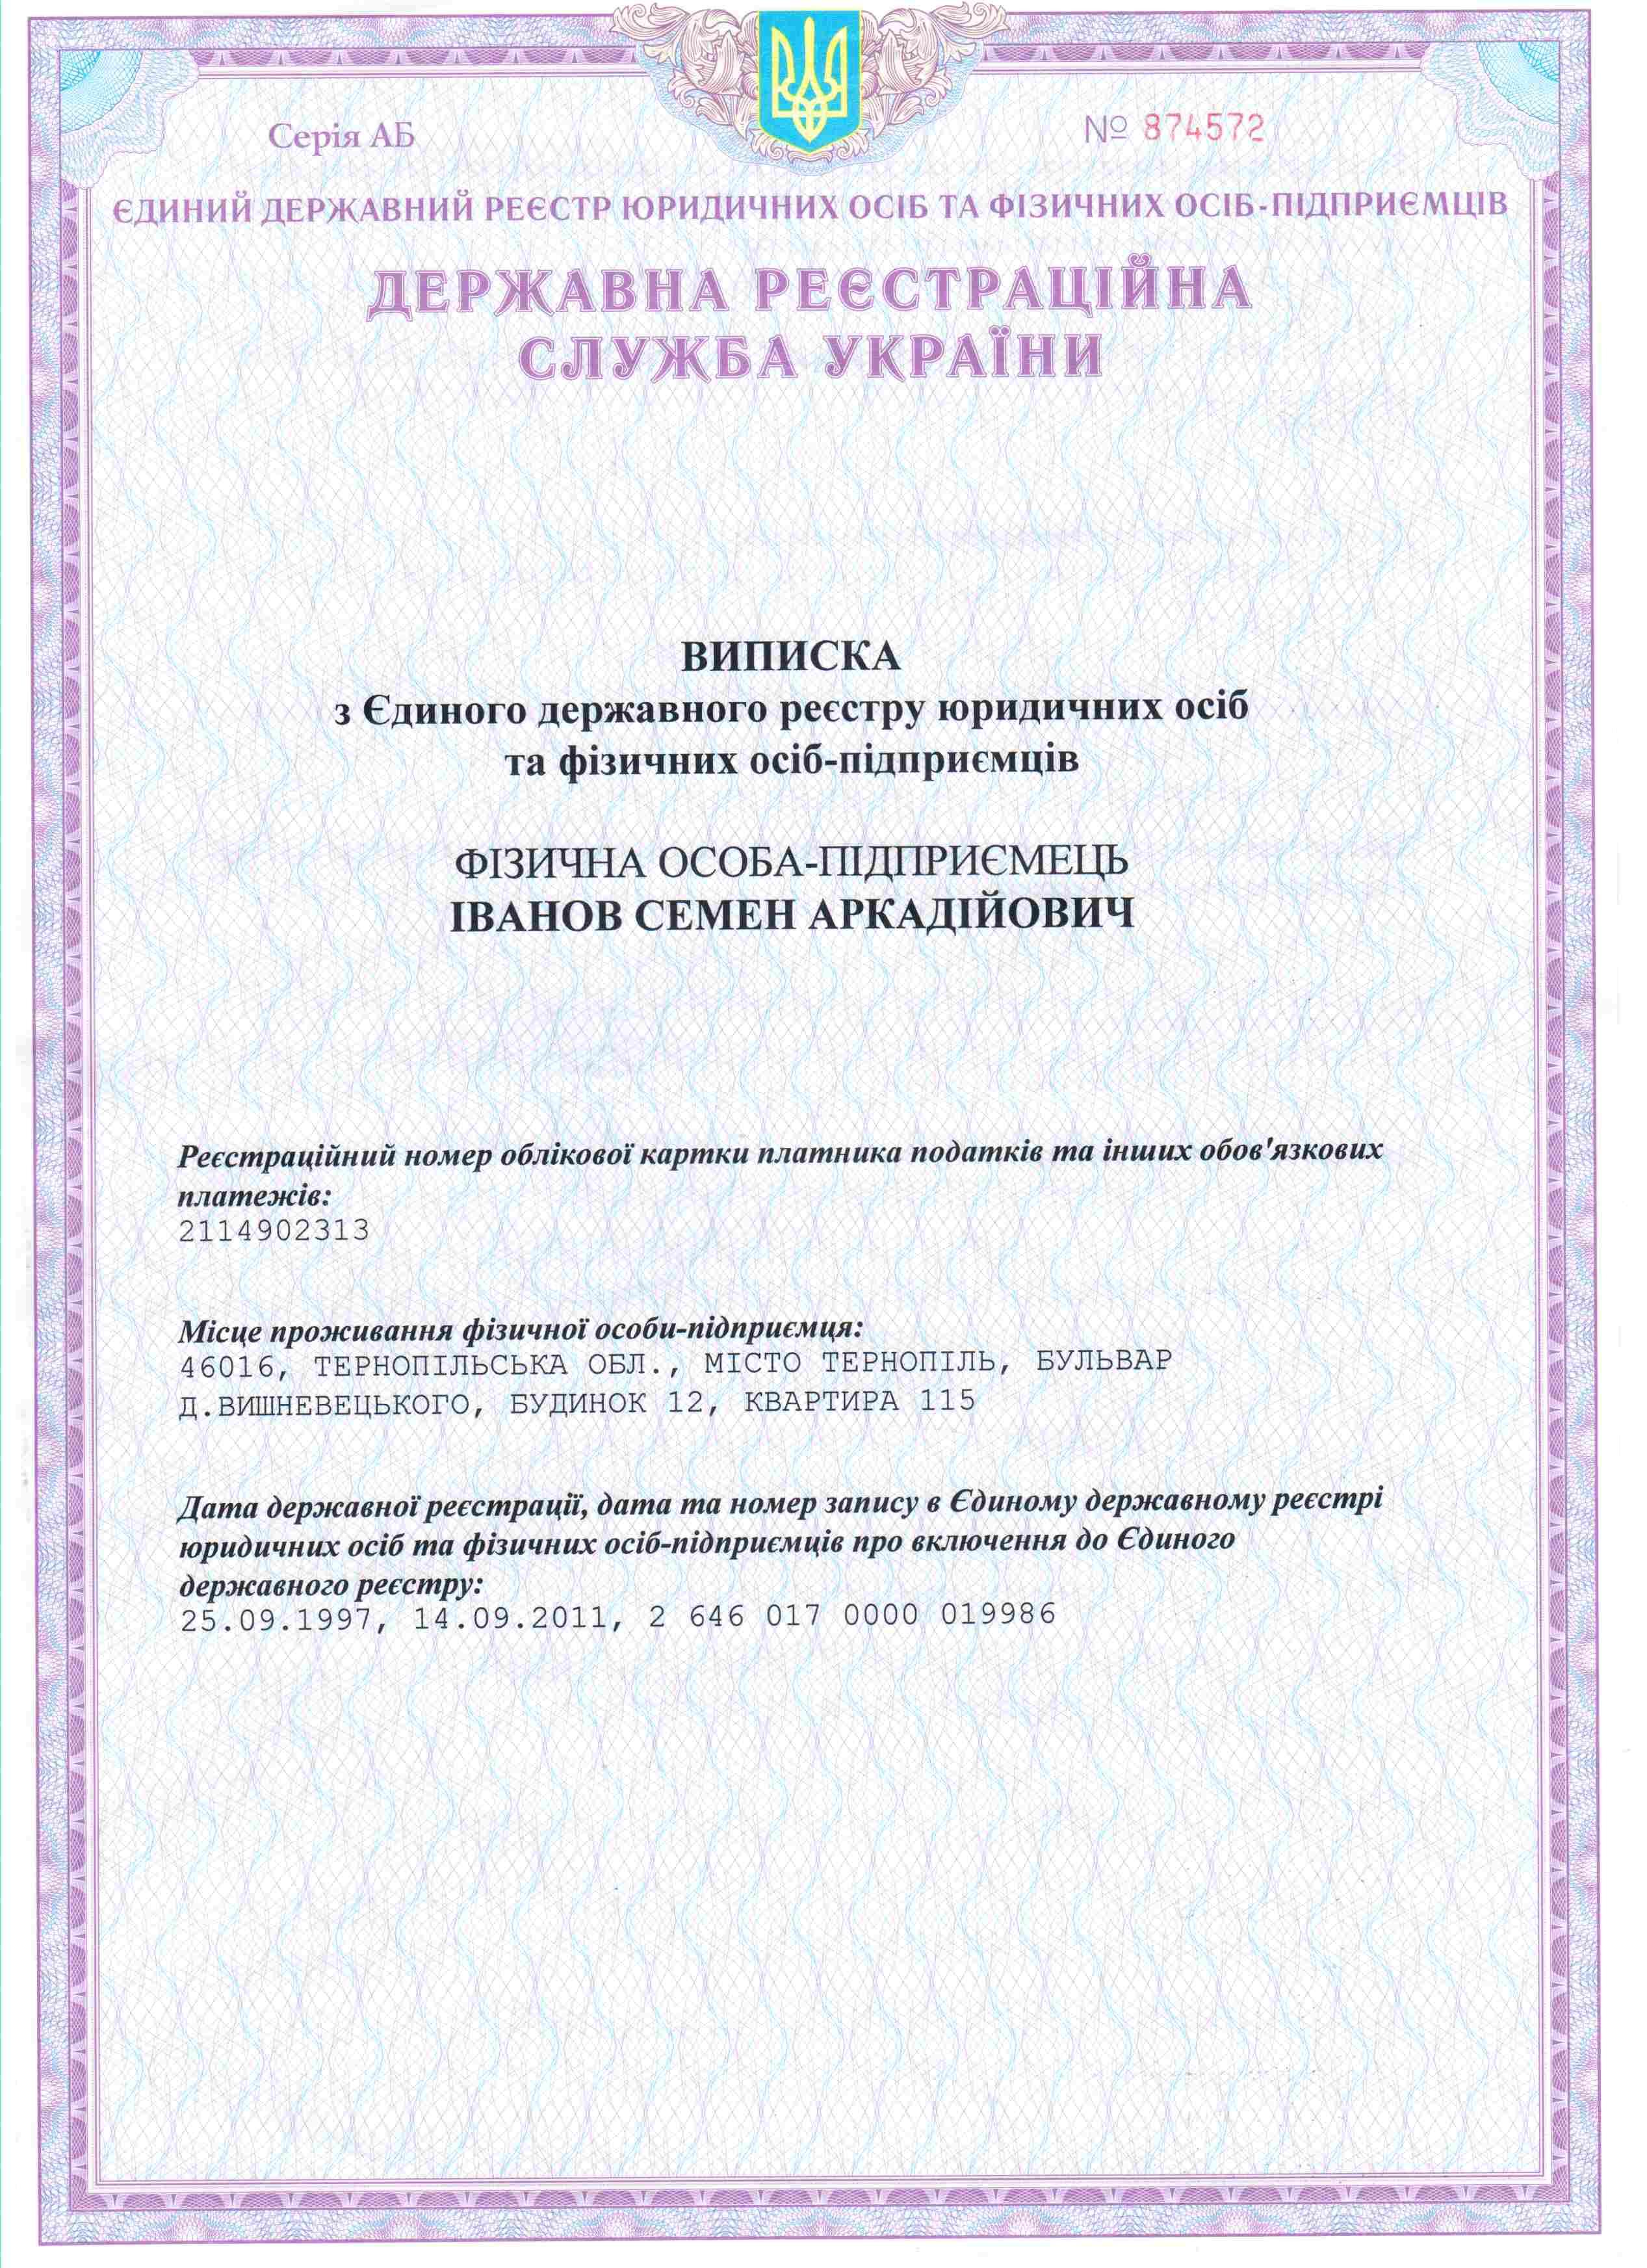 Иванов С.А., СПД